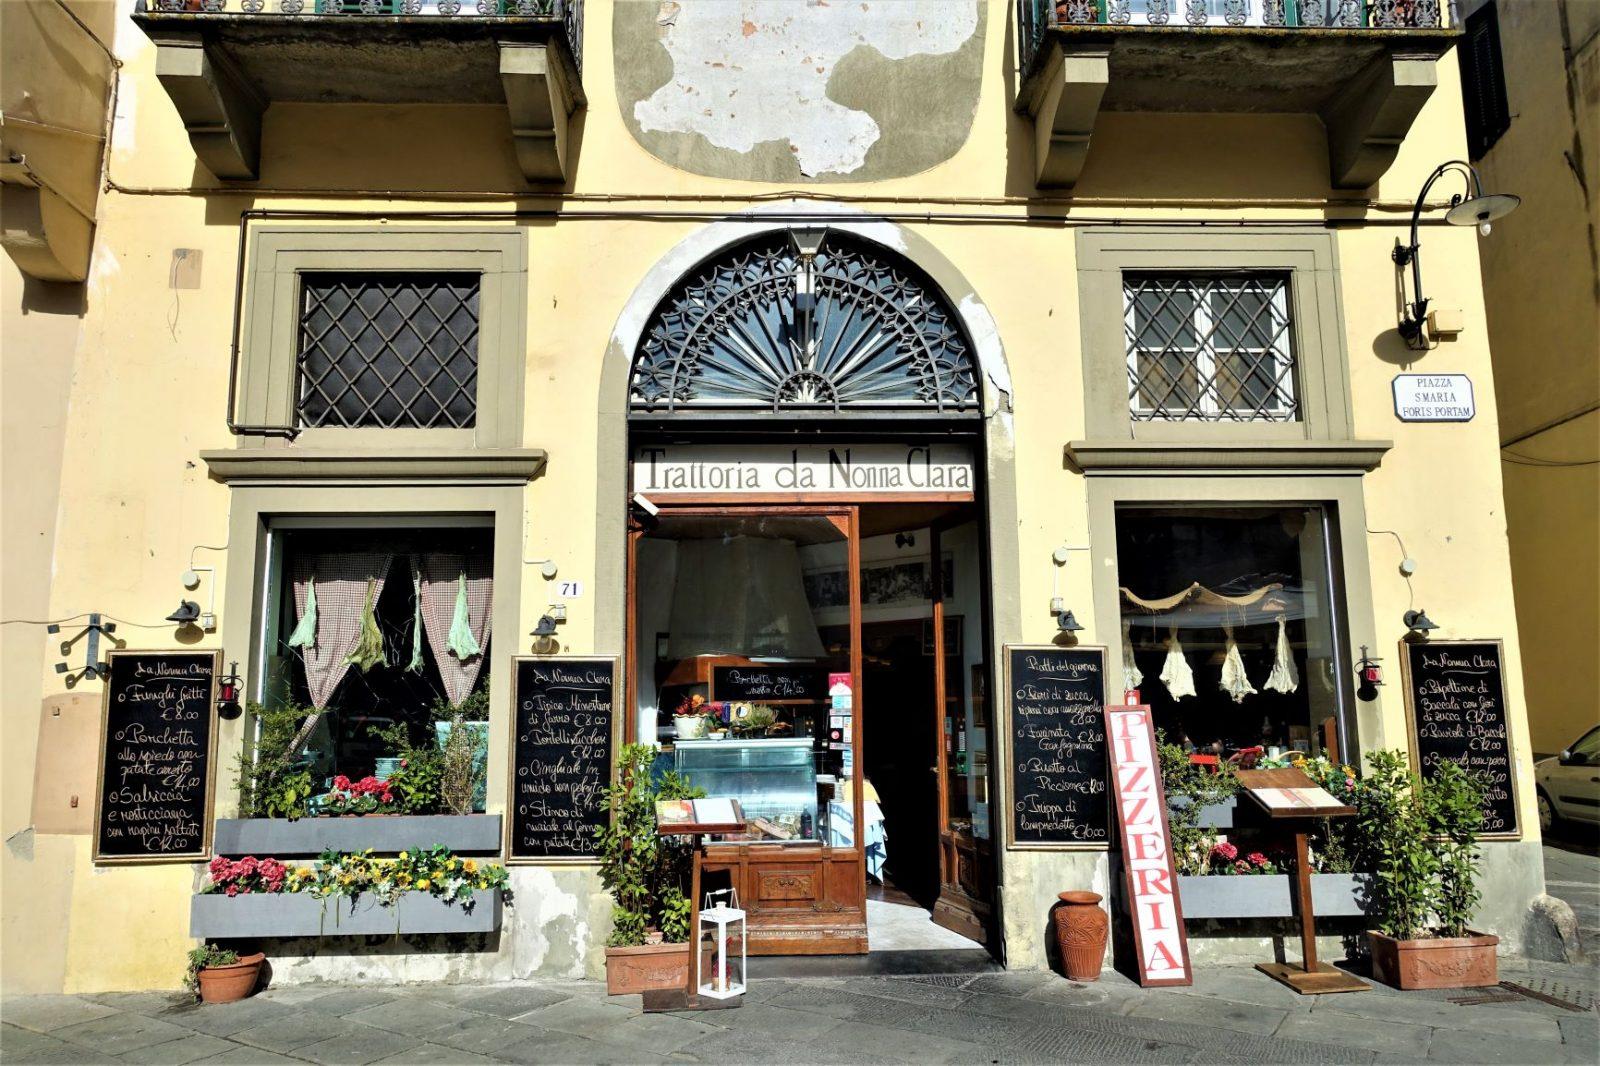 Butikk i landsby i Toscana Italia